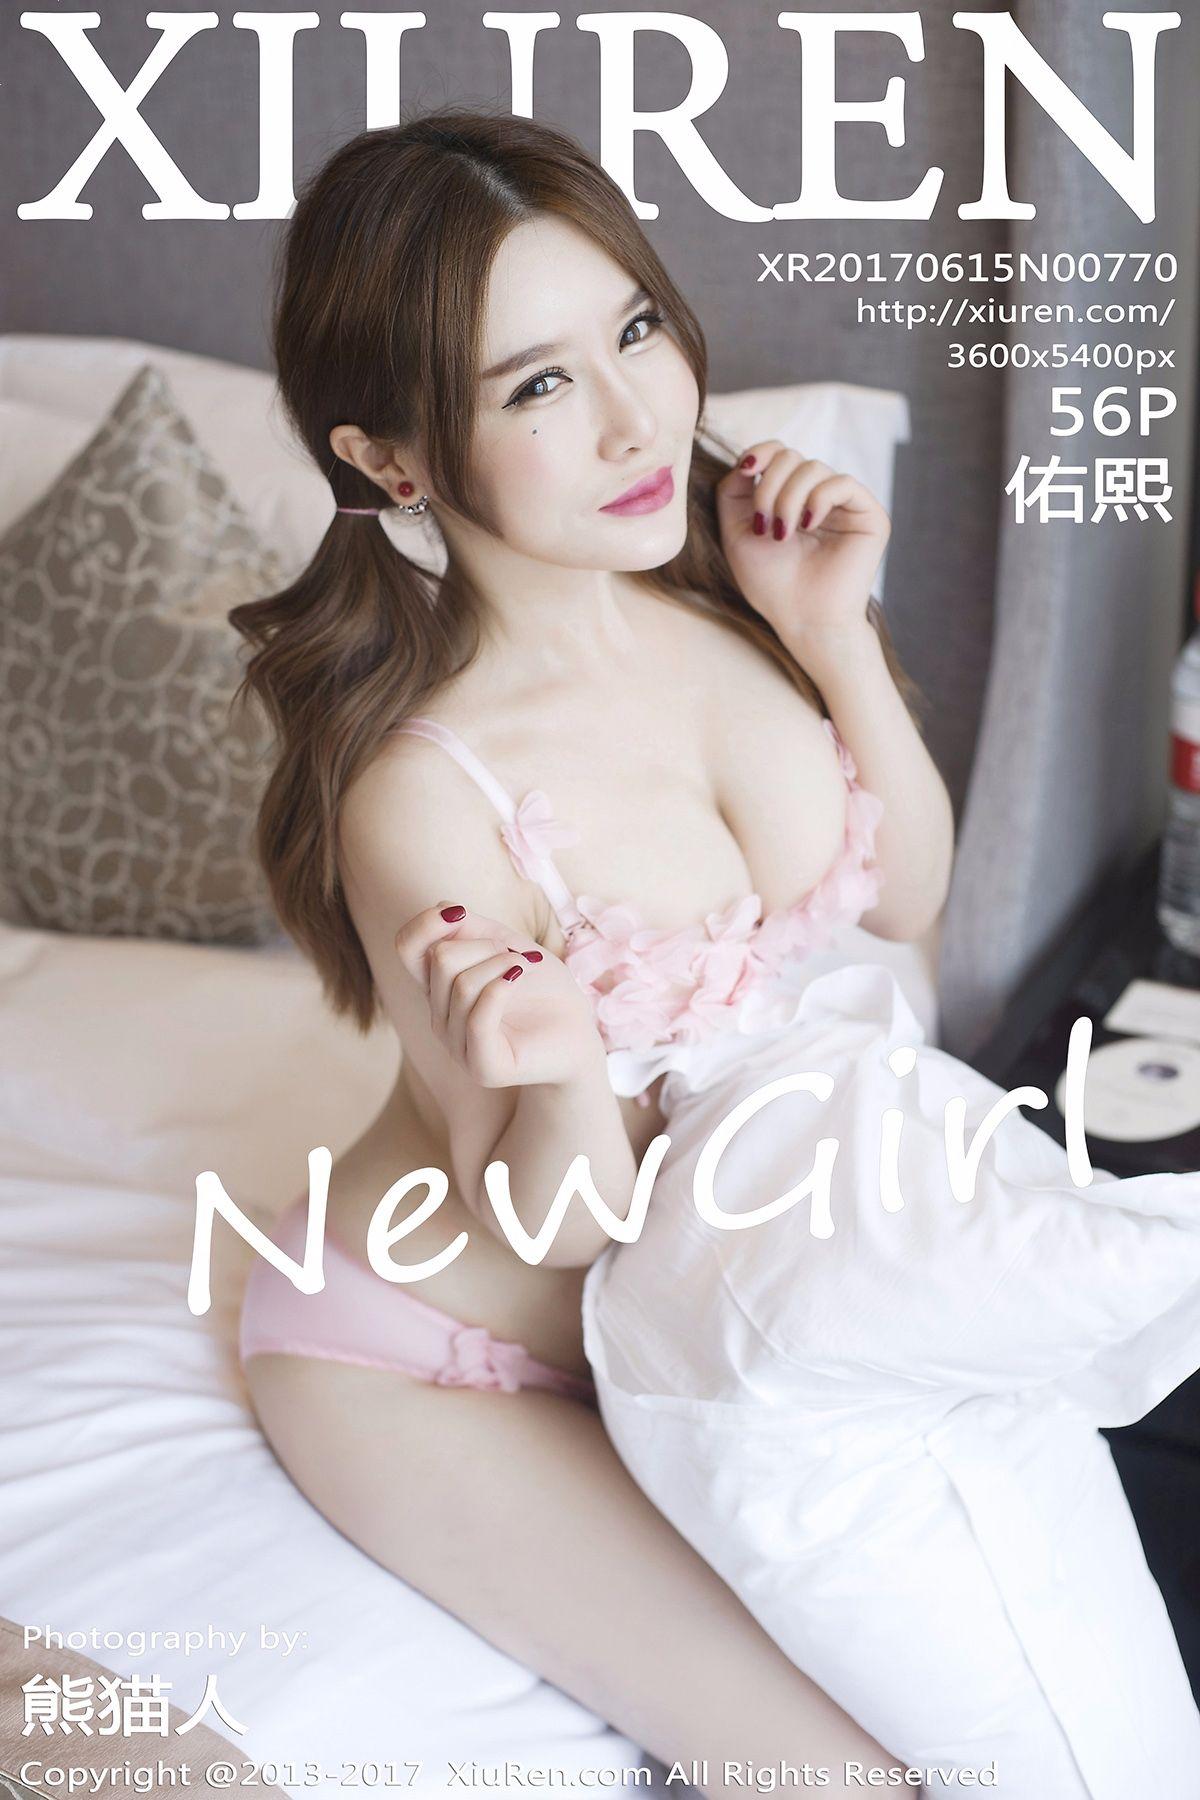 [XIUREN秀人网] 2017.06.15 NO.770